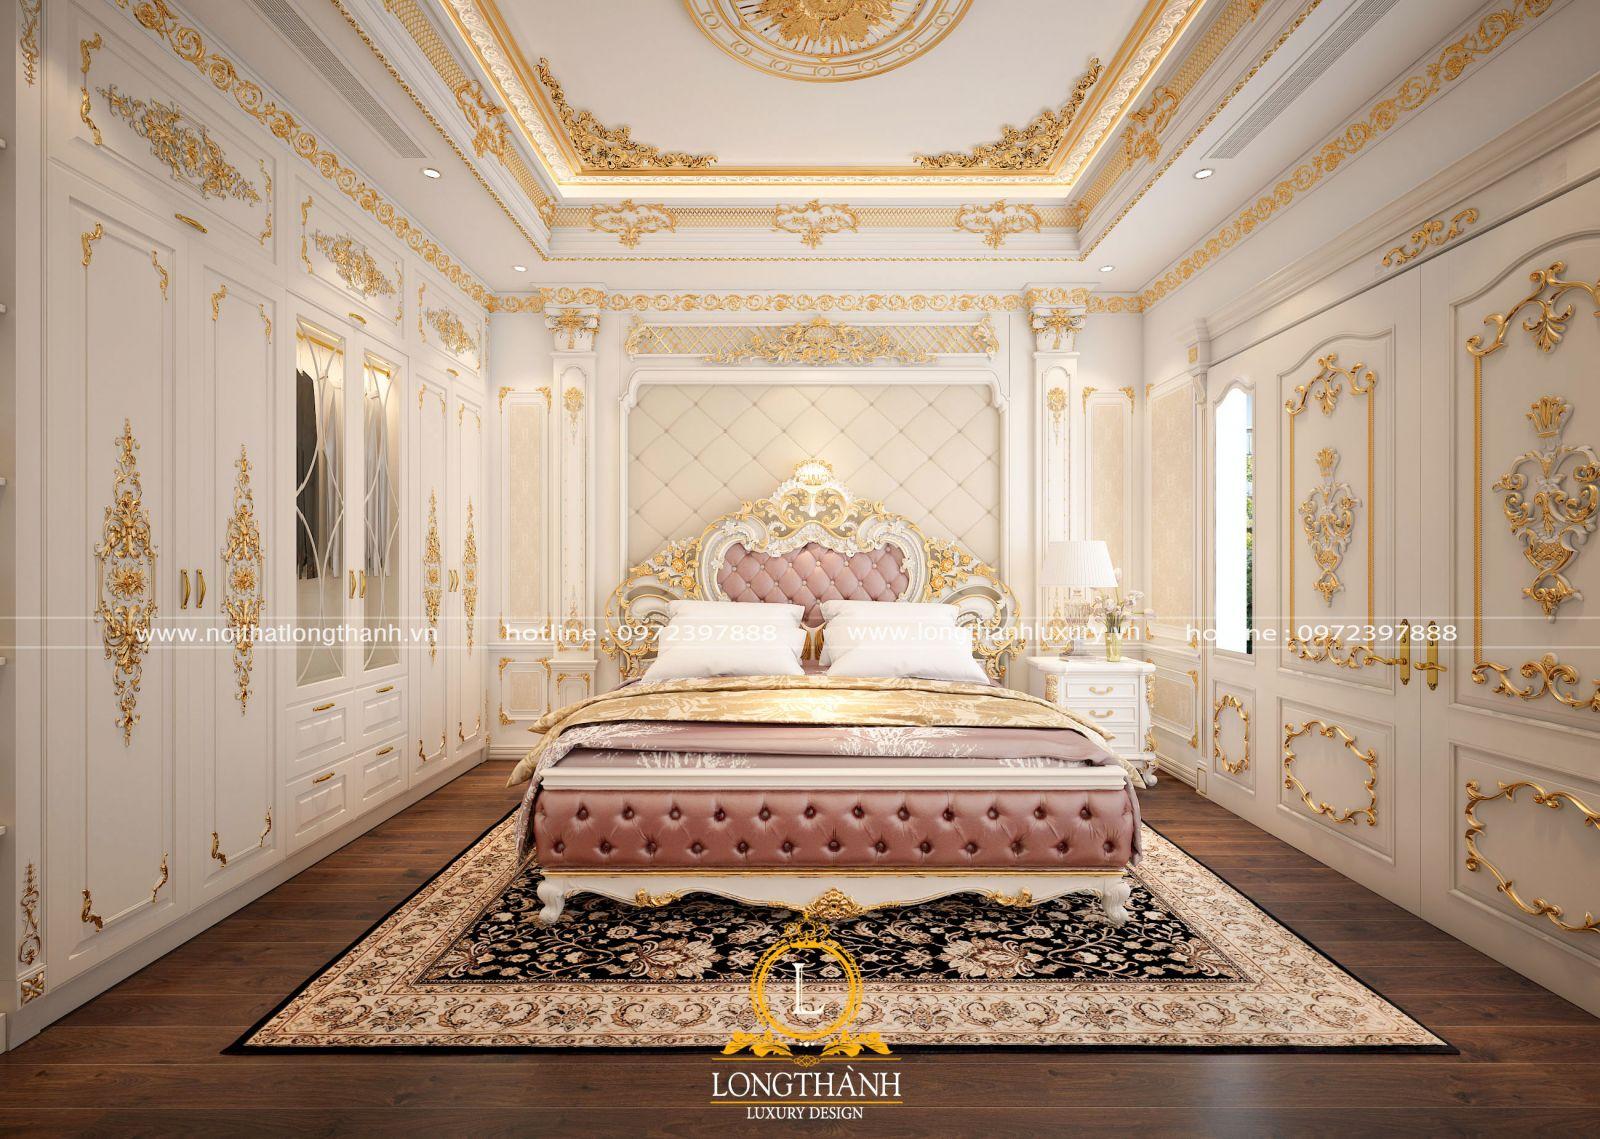 Hoa văn dát vàng cho căn phòng ngủ VIP vô cùng lộng lẫy